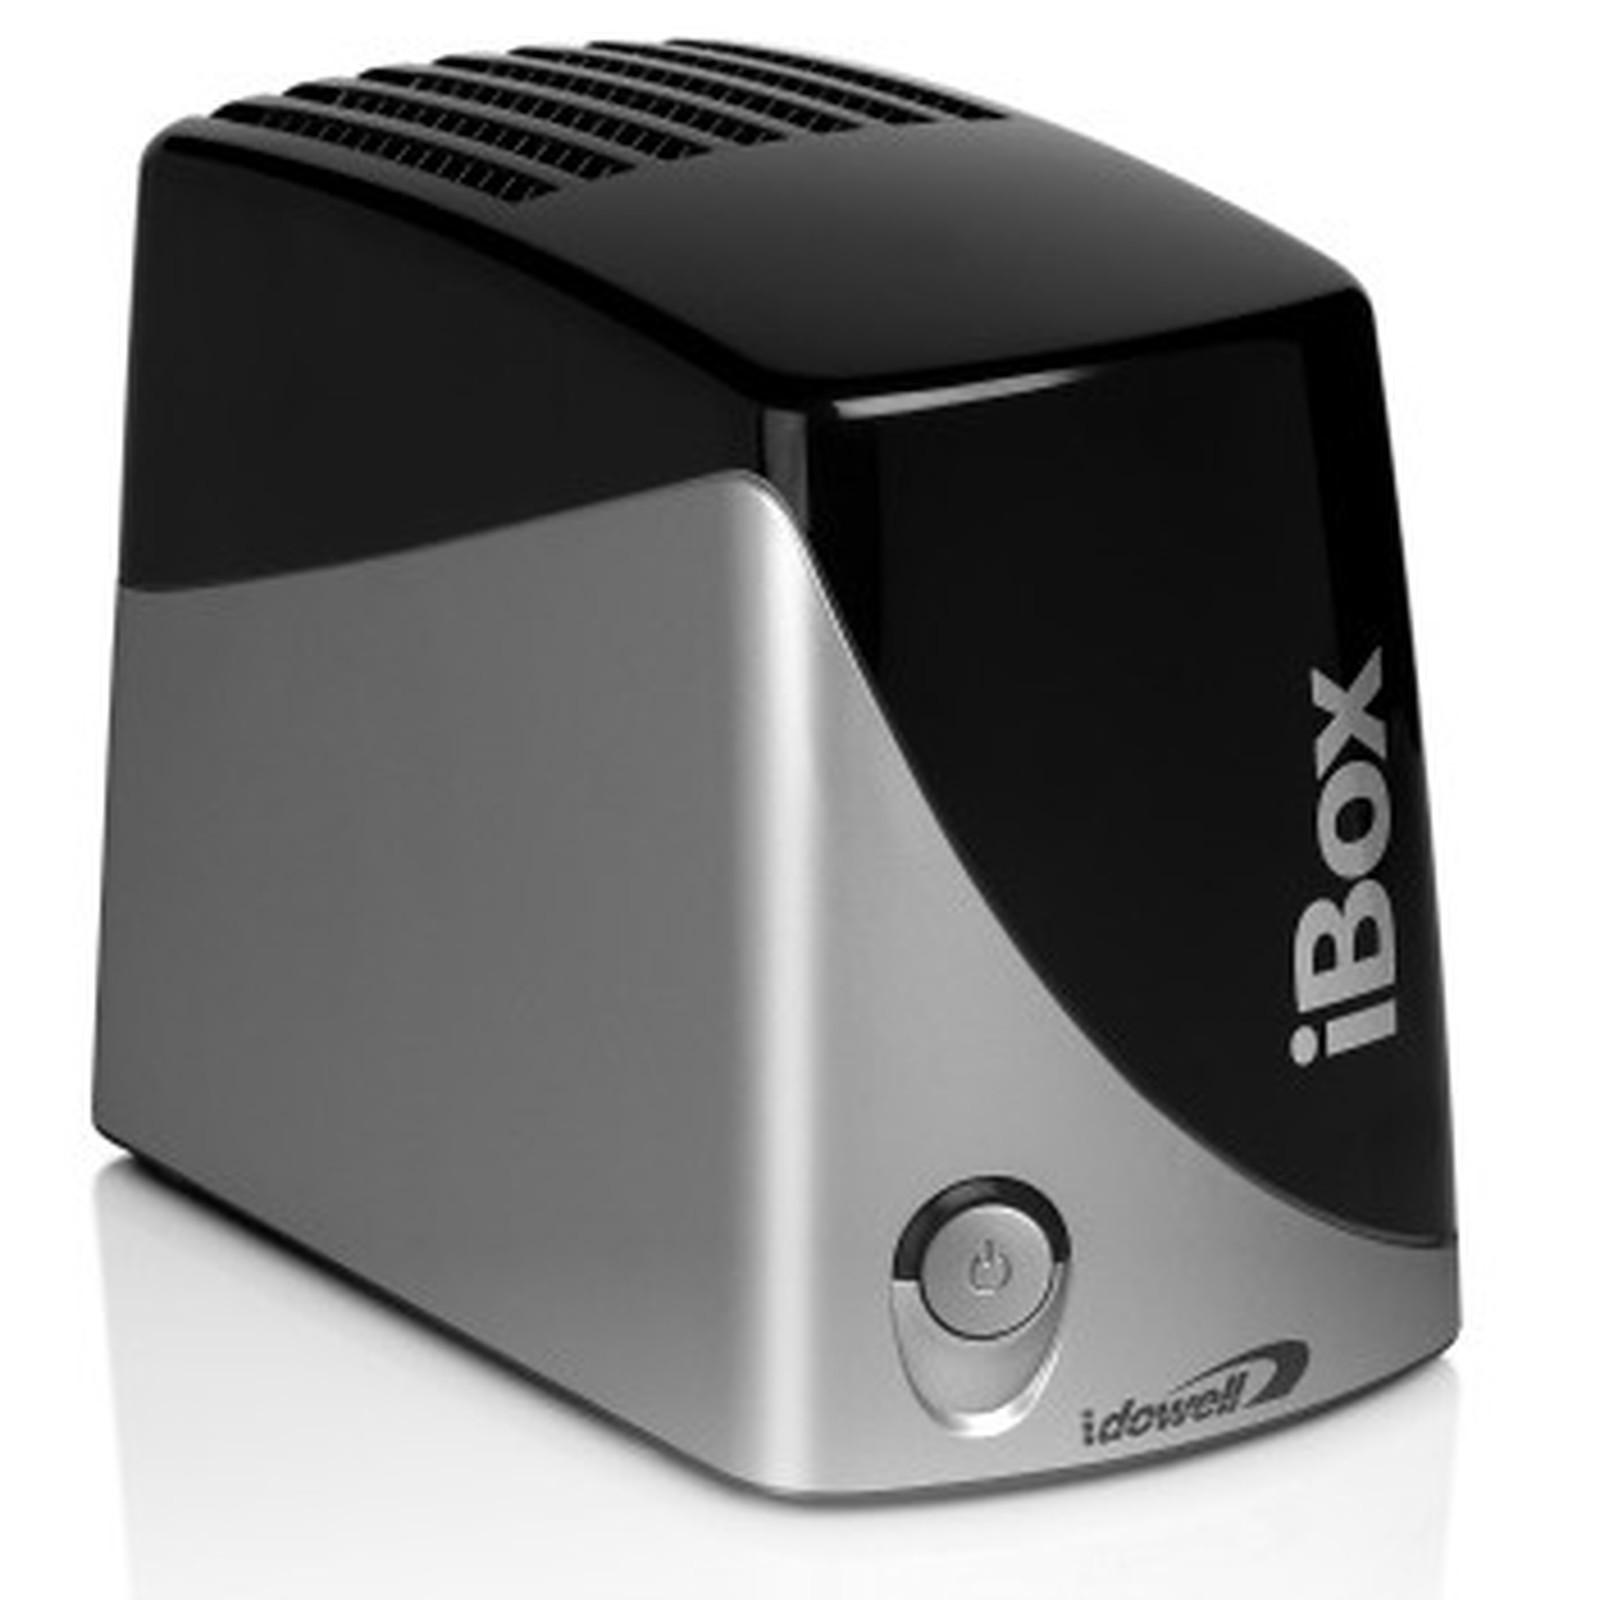 iDowell iBox 550 VA